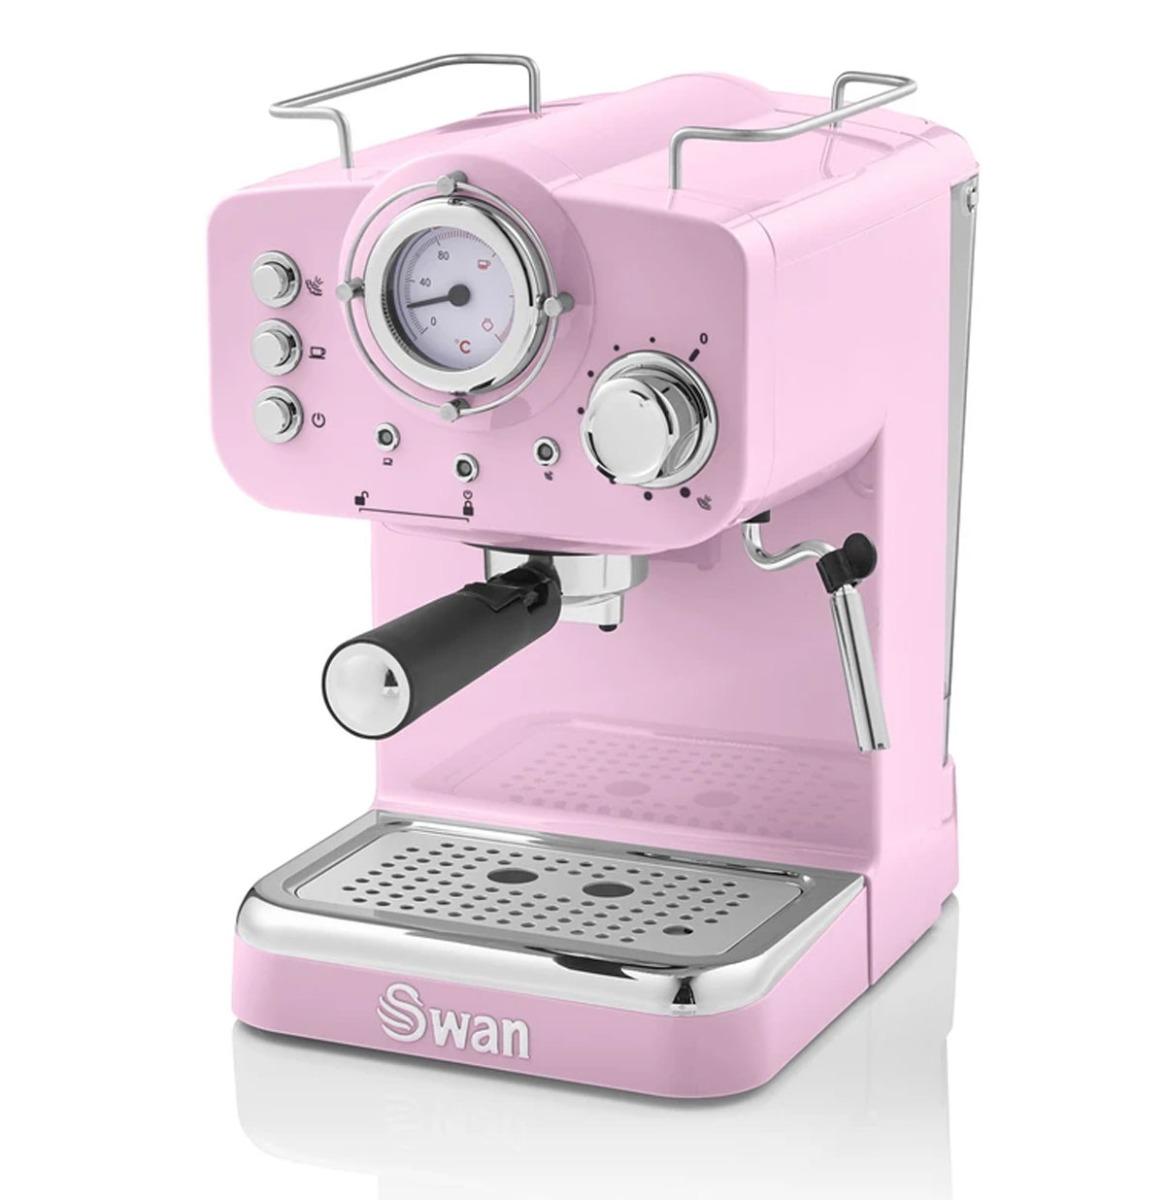 Swan Retro Pump Espresso Koffie Machine - Roze